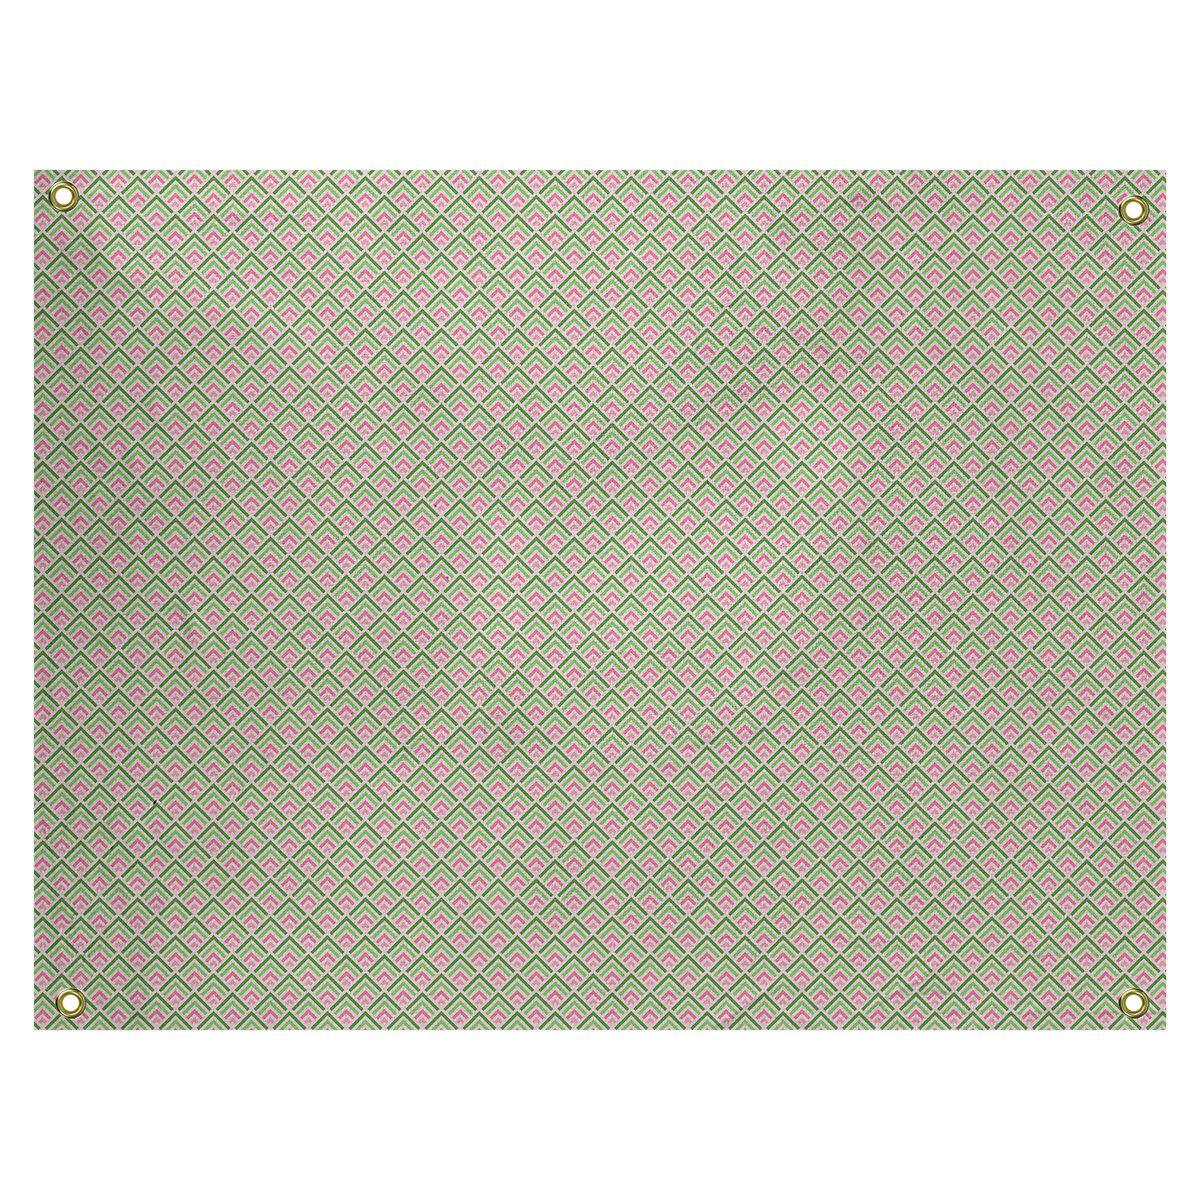 Ebern Designs Kitterman Ombre Geometric By Katelyn Elizabeth Tapestry Wayfair